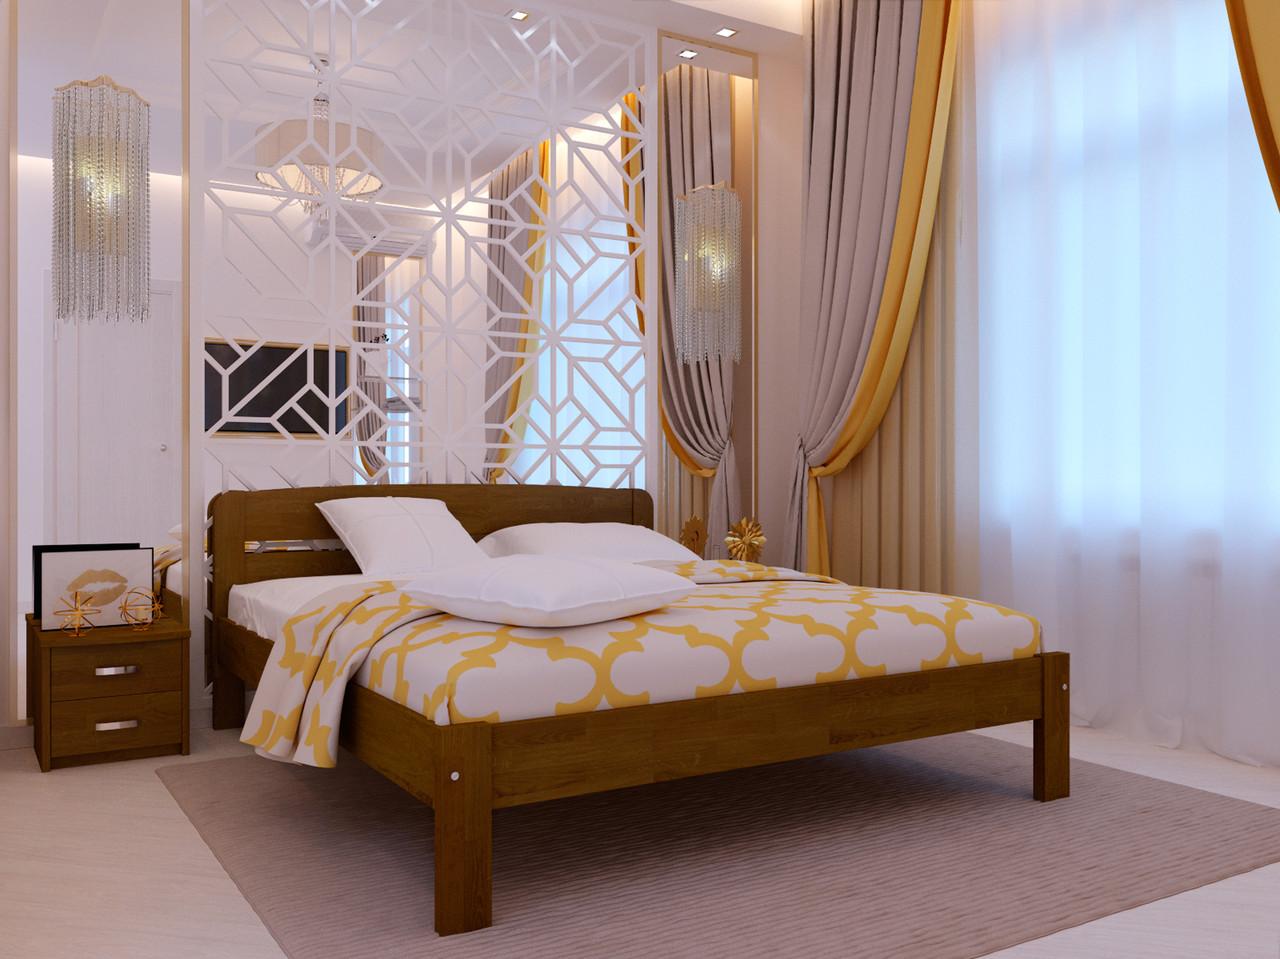 Ліжко півтораспальне в спальню, дитячу Октавія 1 (Бук)140*200 Неомеблі